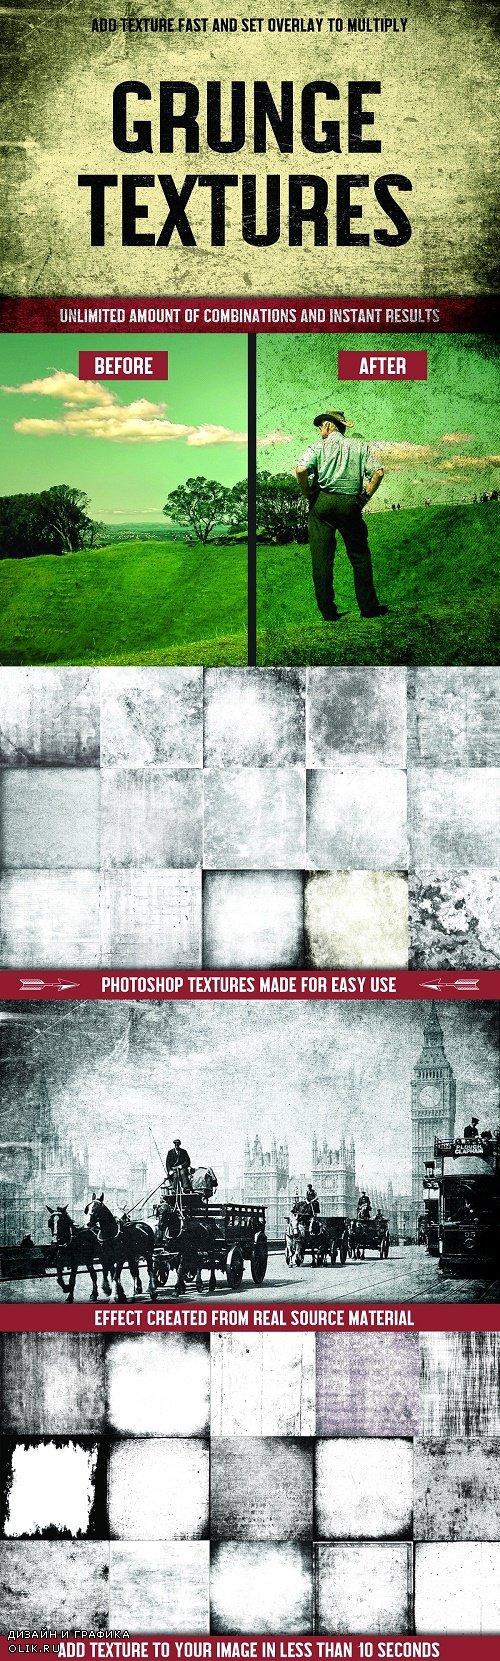 100 Grunge Photoshop Textures - 3894503